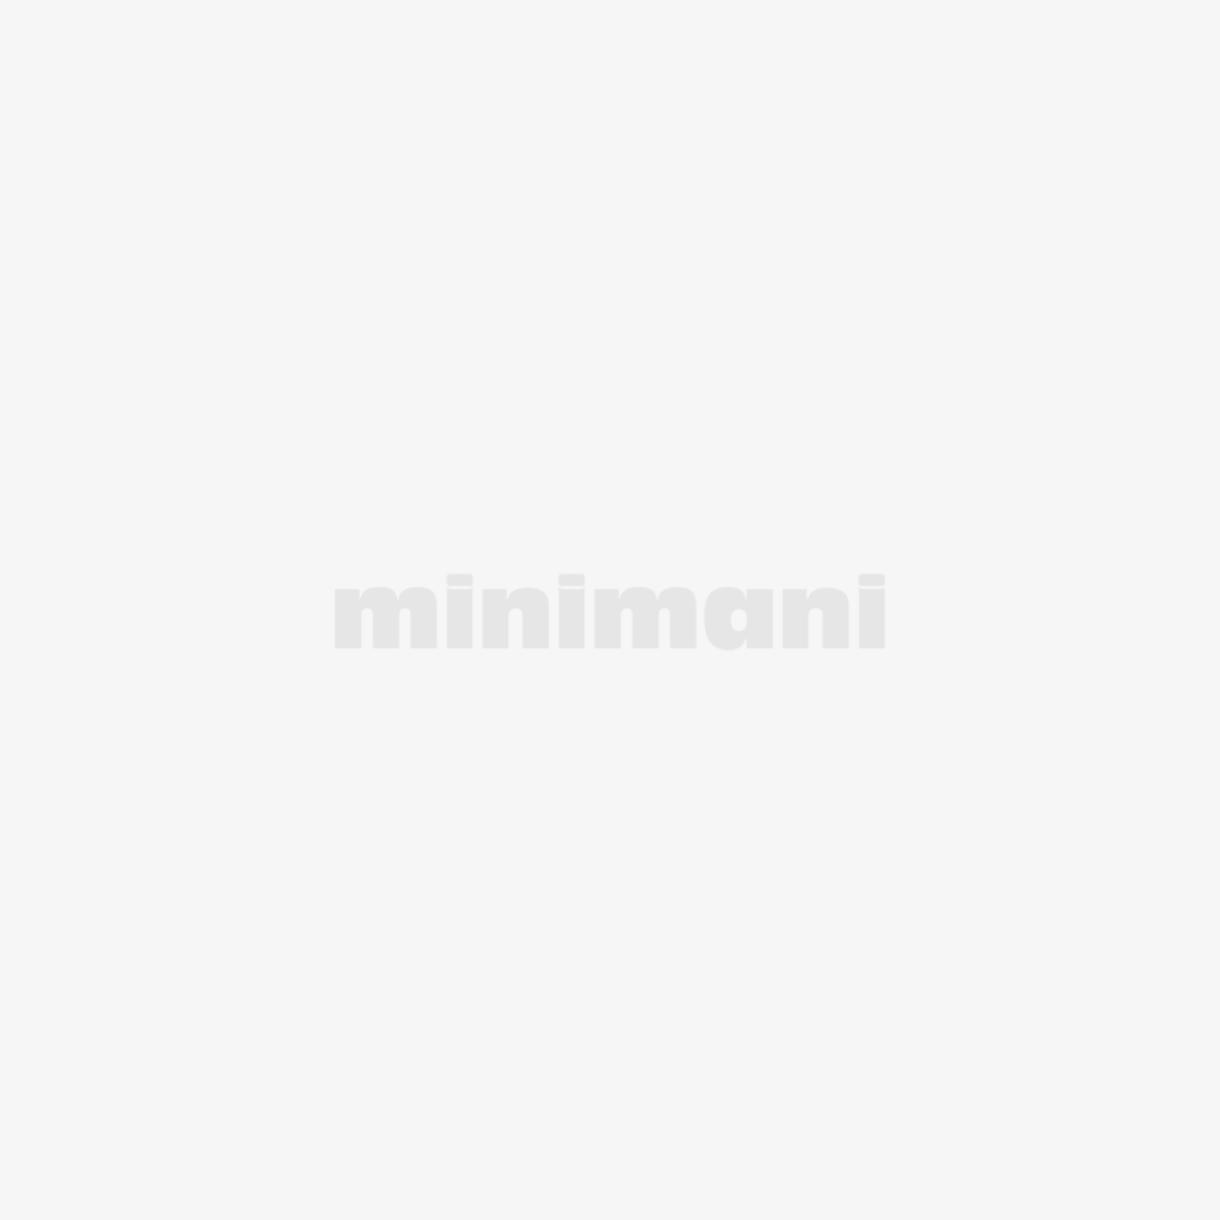 Vallila matto 80x230cm, Estelle harmaa